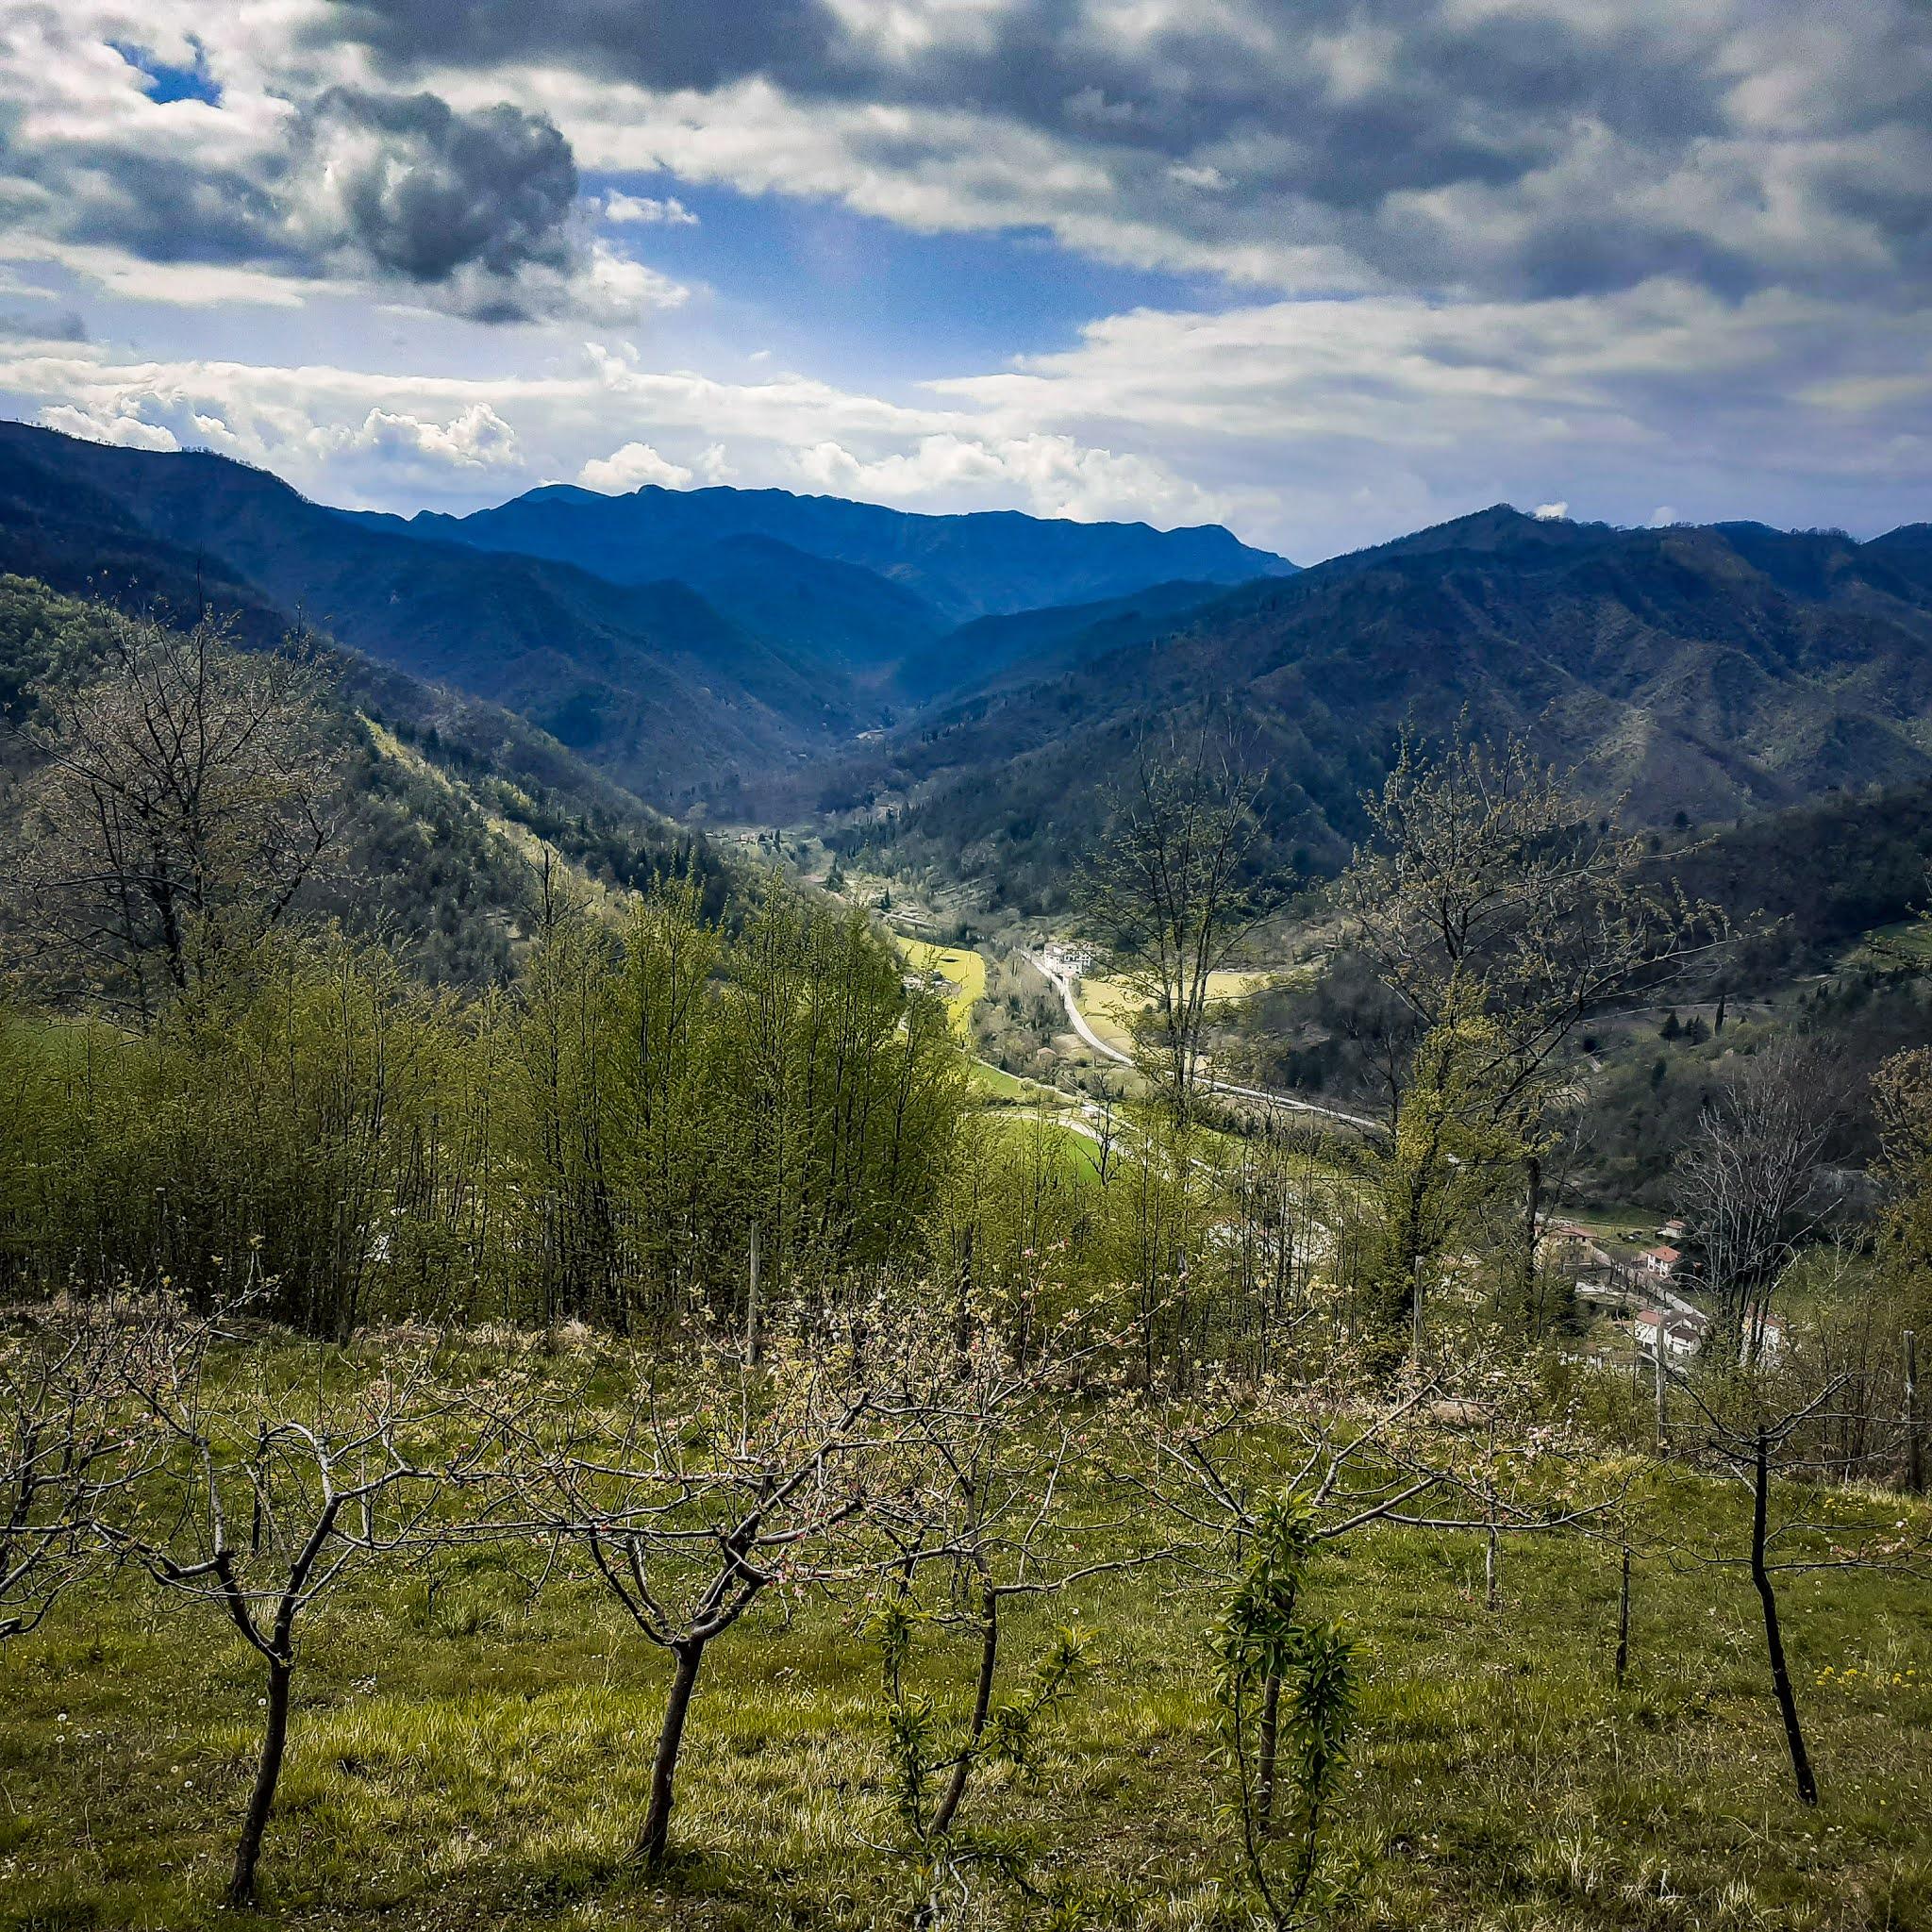 Biforco, Toskania nieznana Dom z Kamienia blog